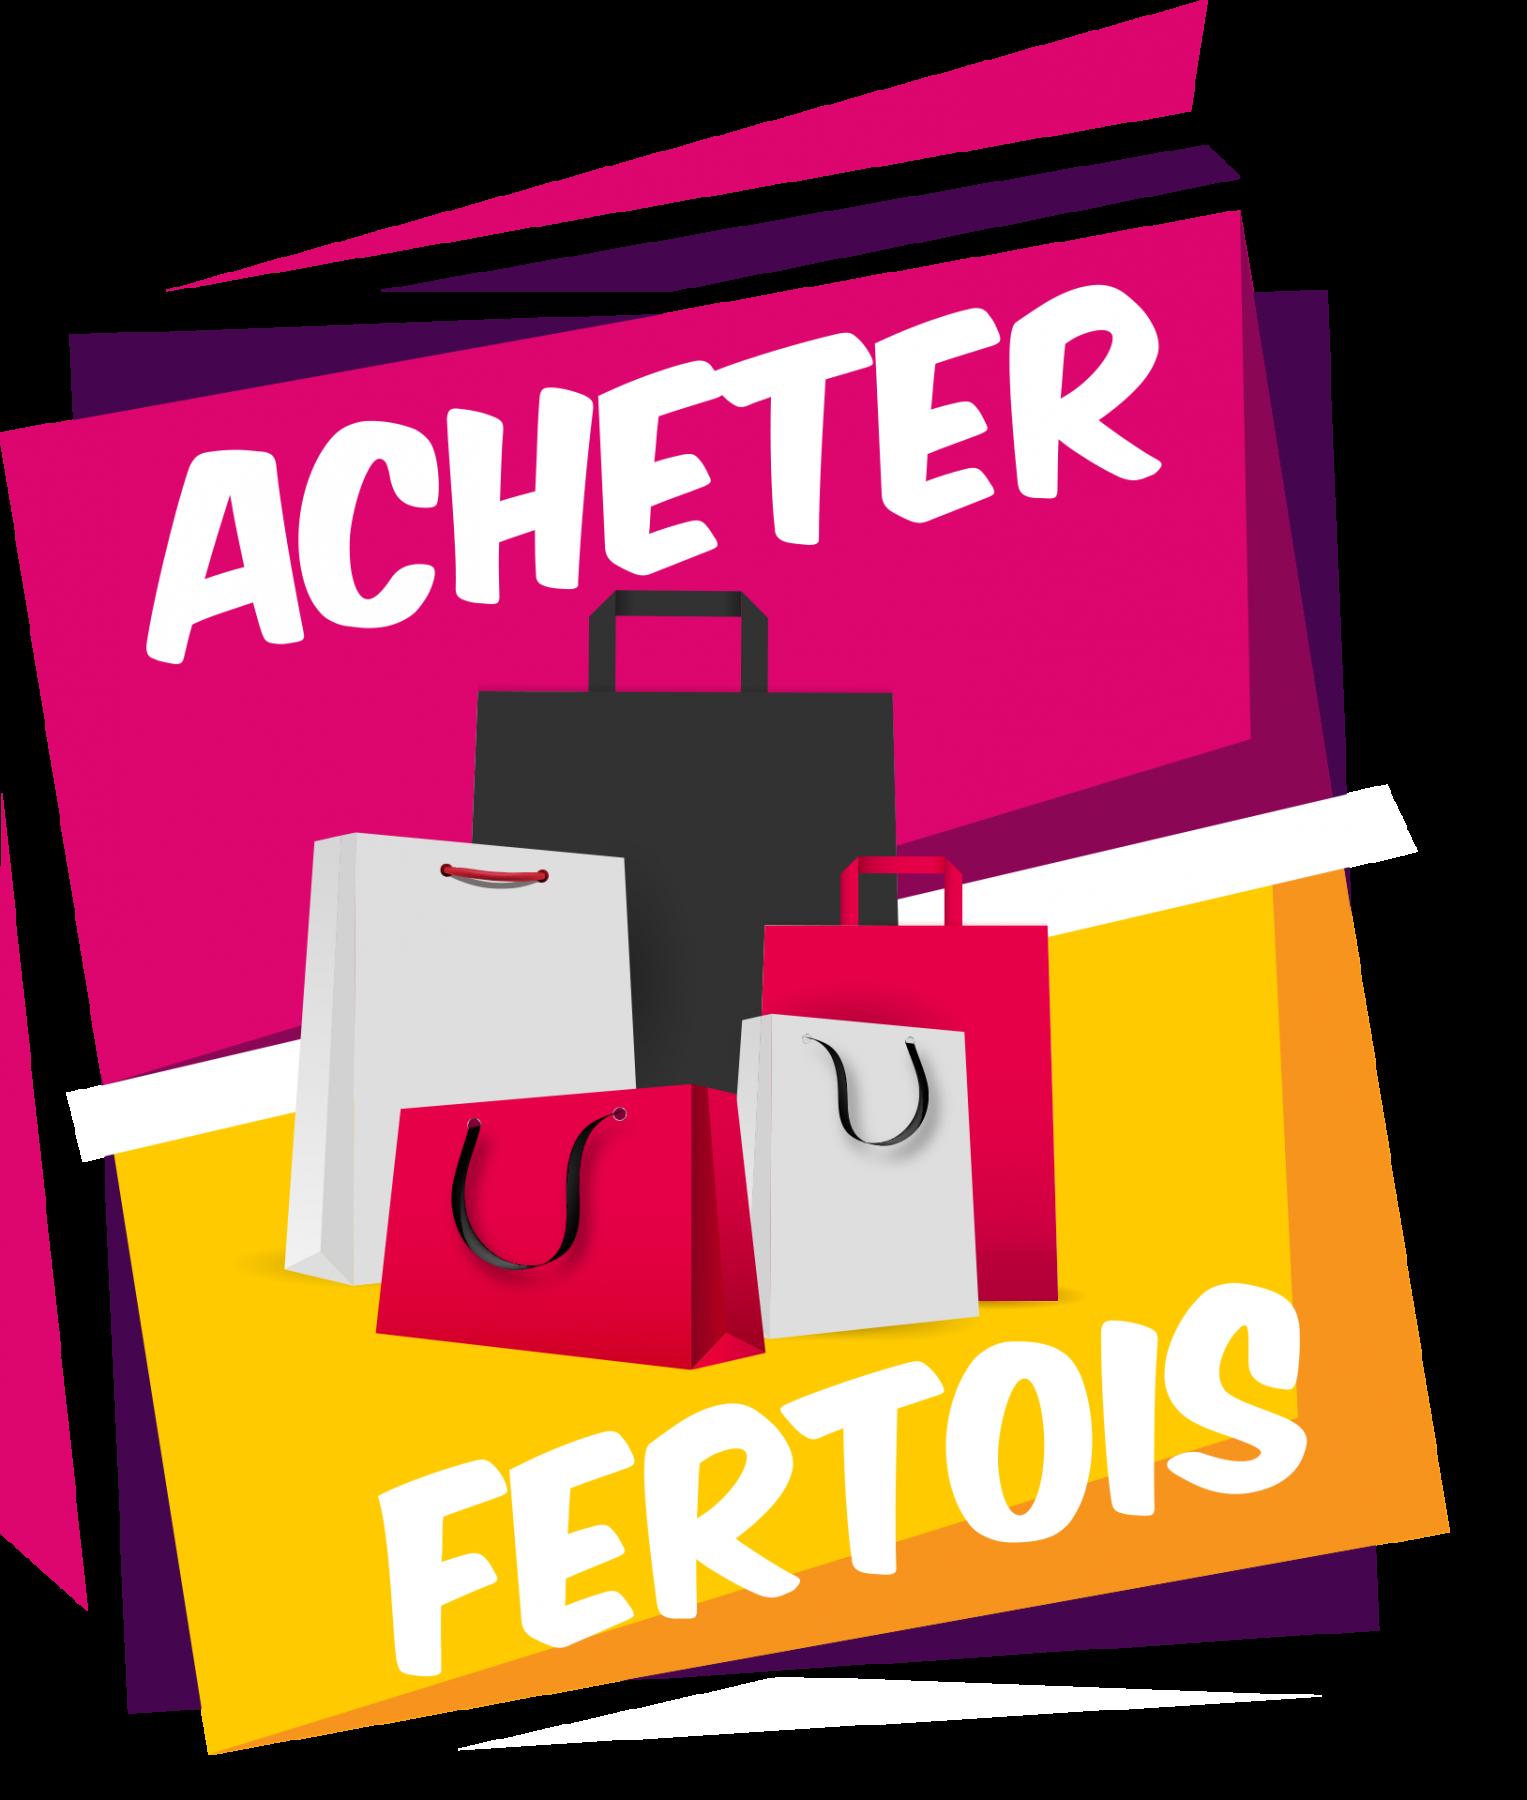 Acheter Fertois